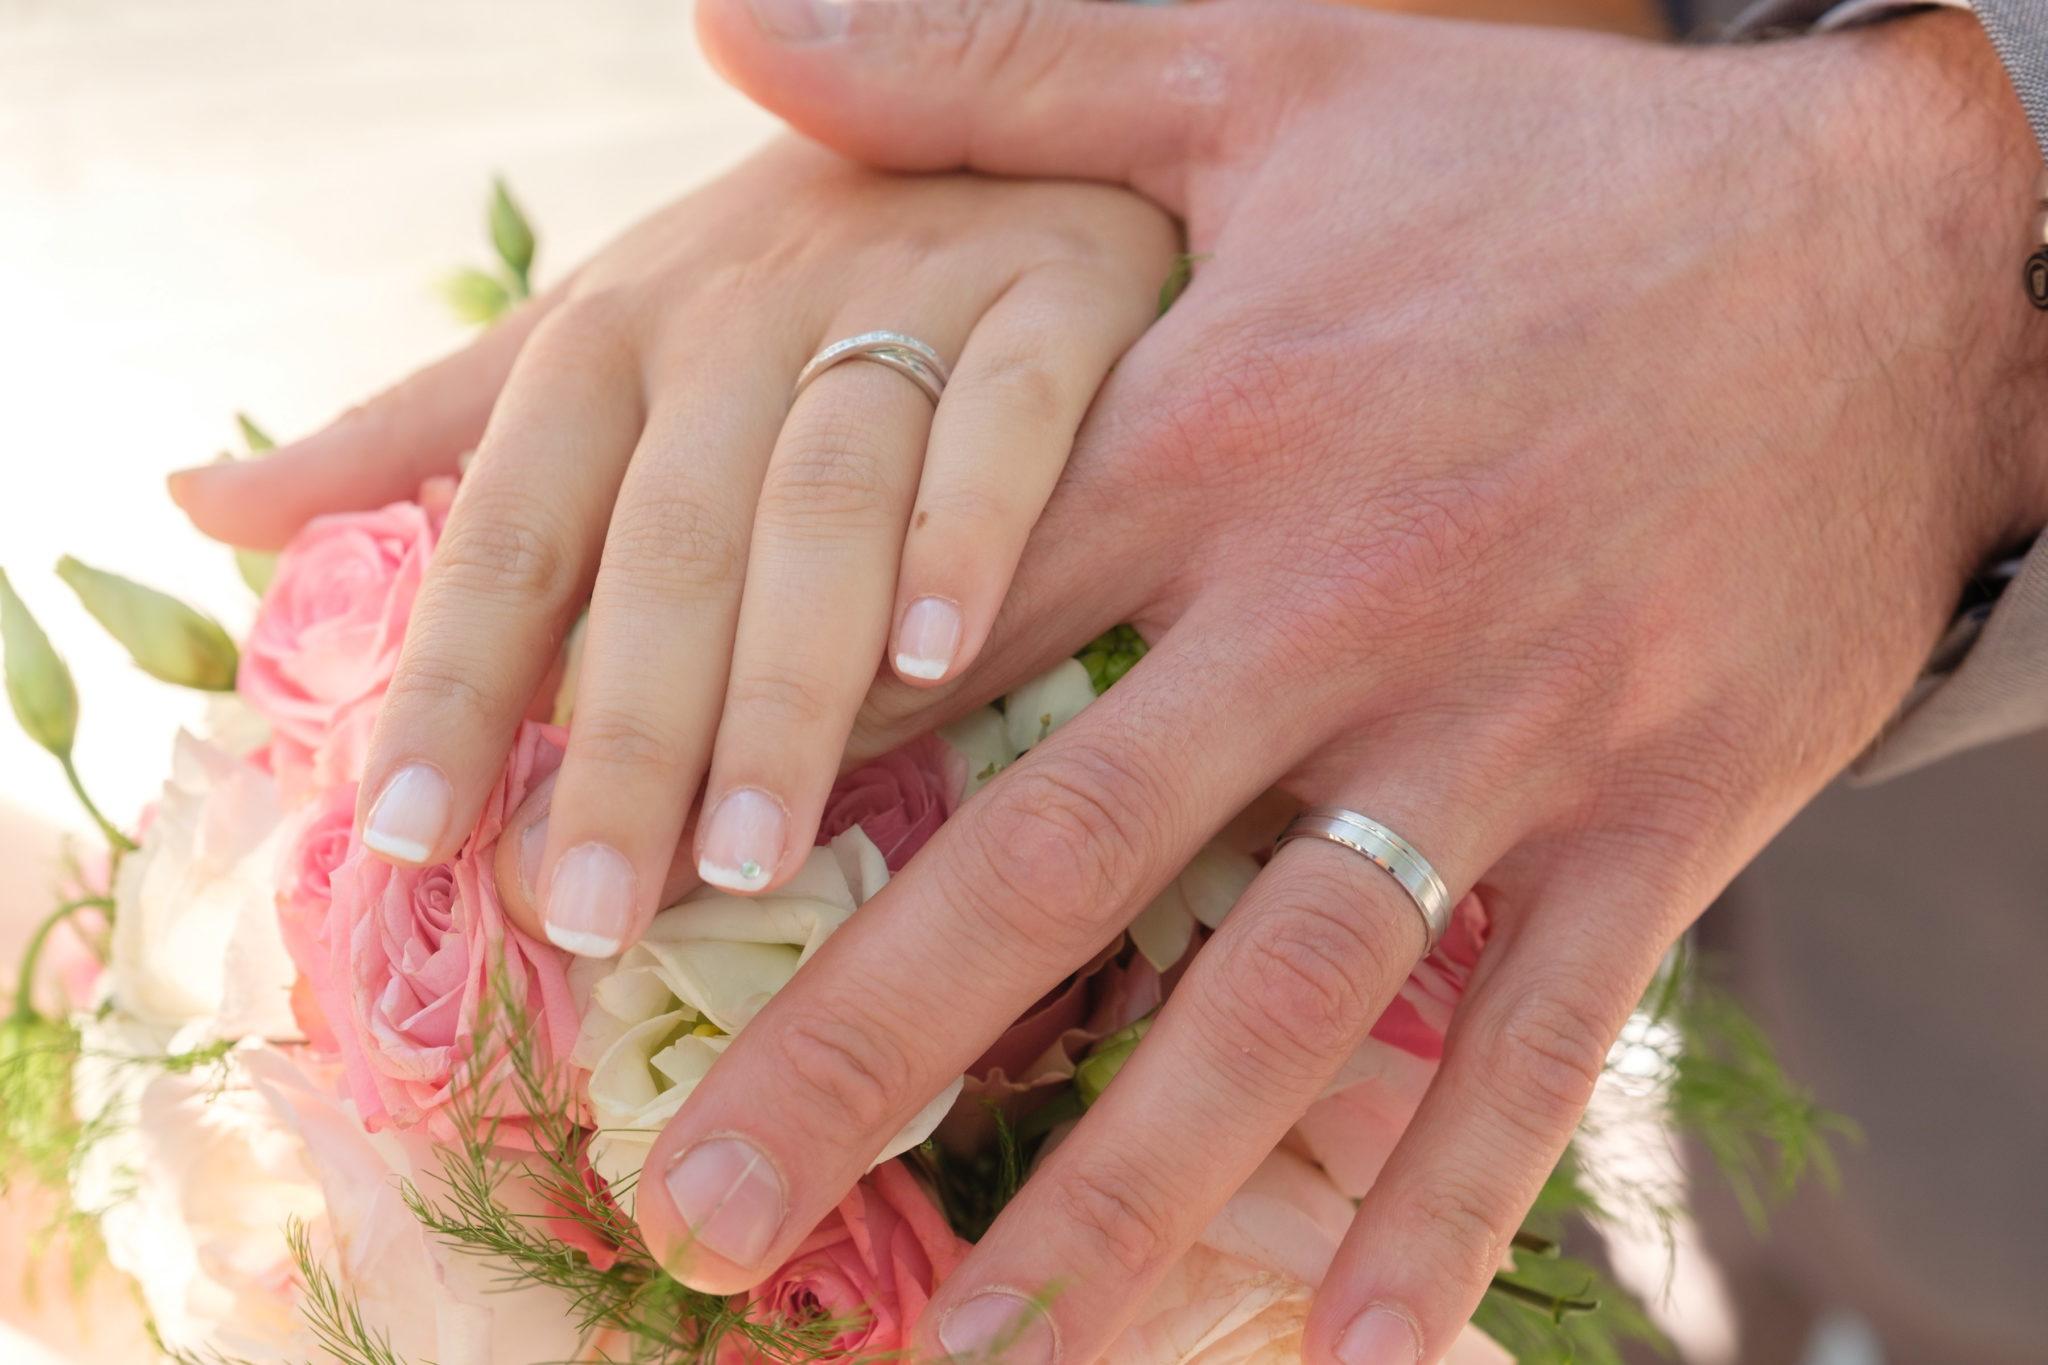 Mariage de Charlotte et Anthony Carbonell - © Alain Machelidon